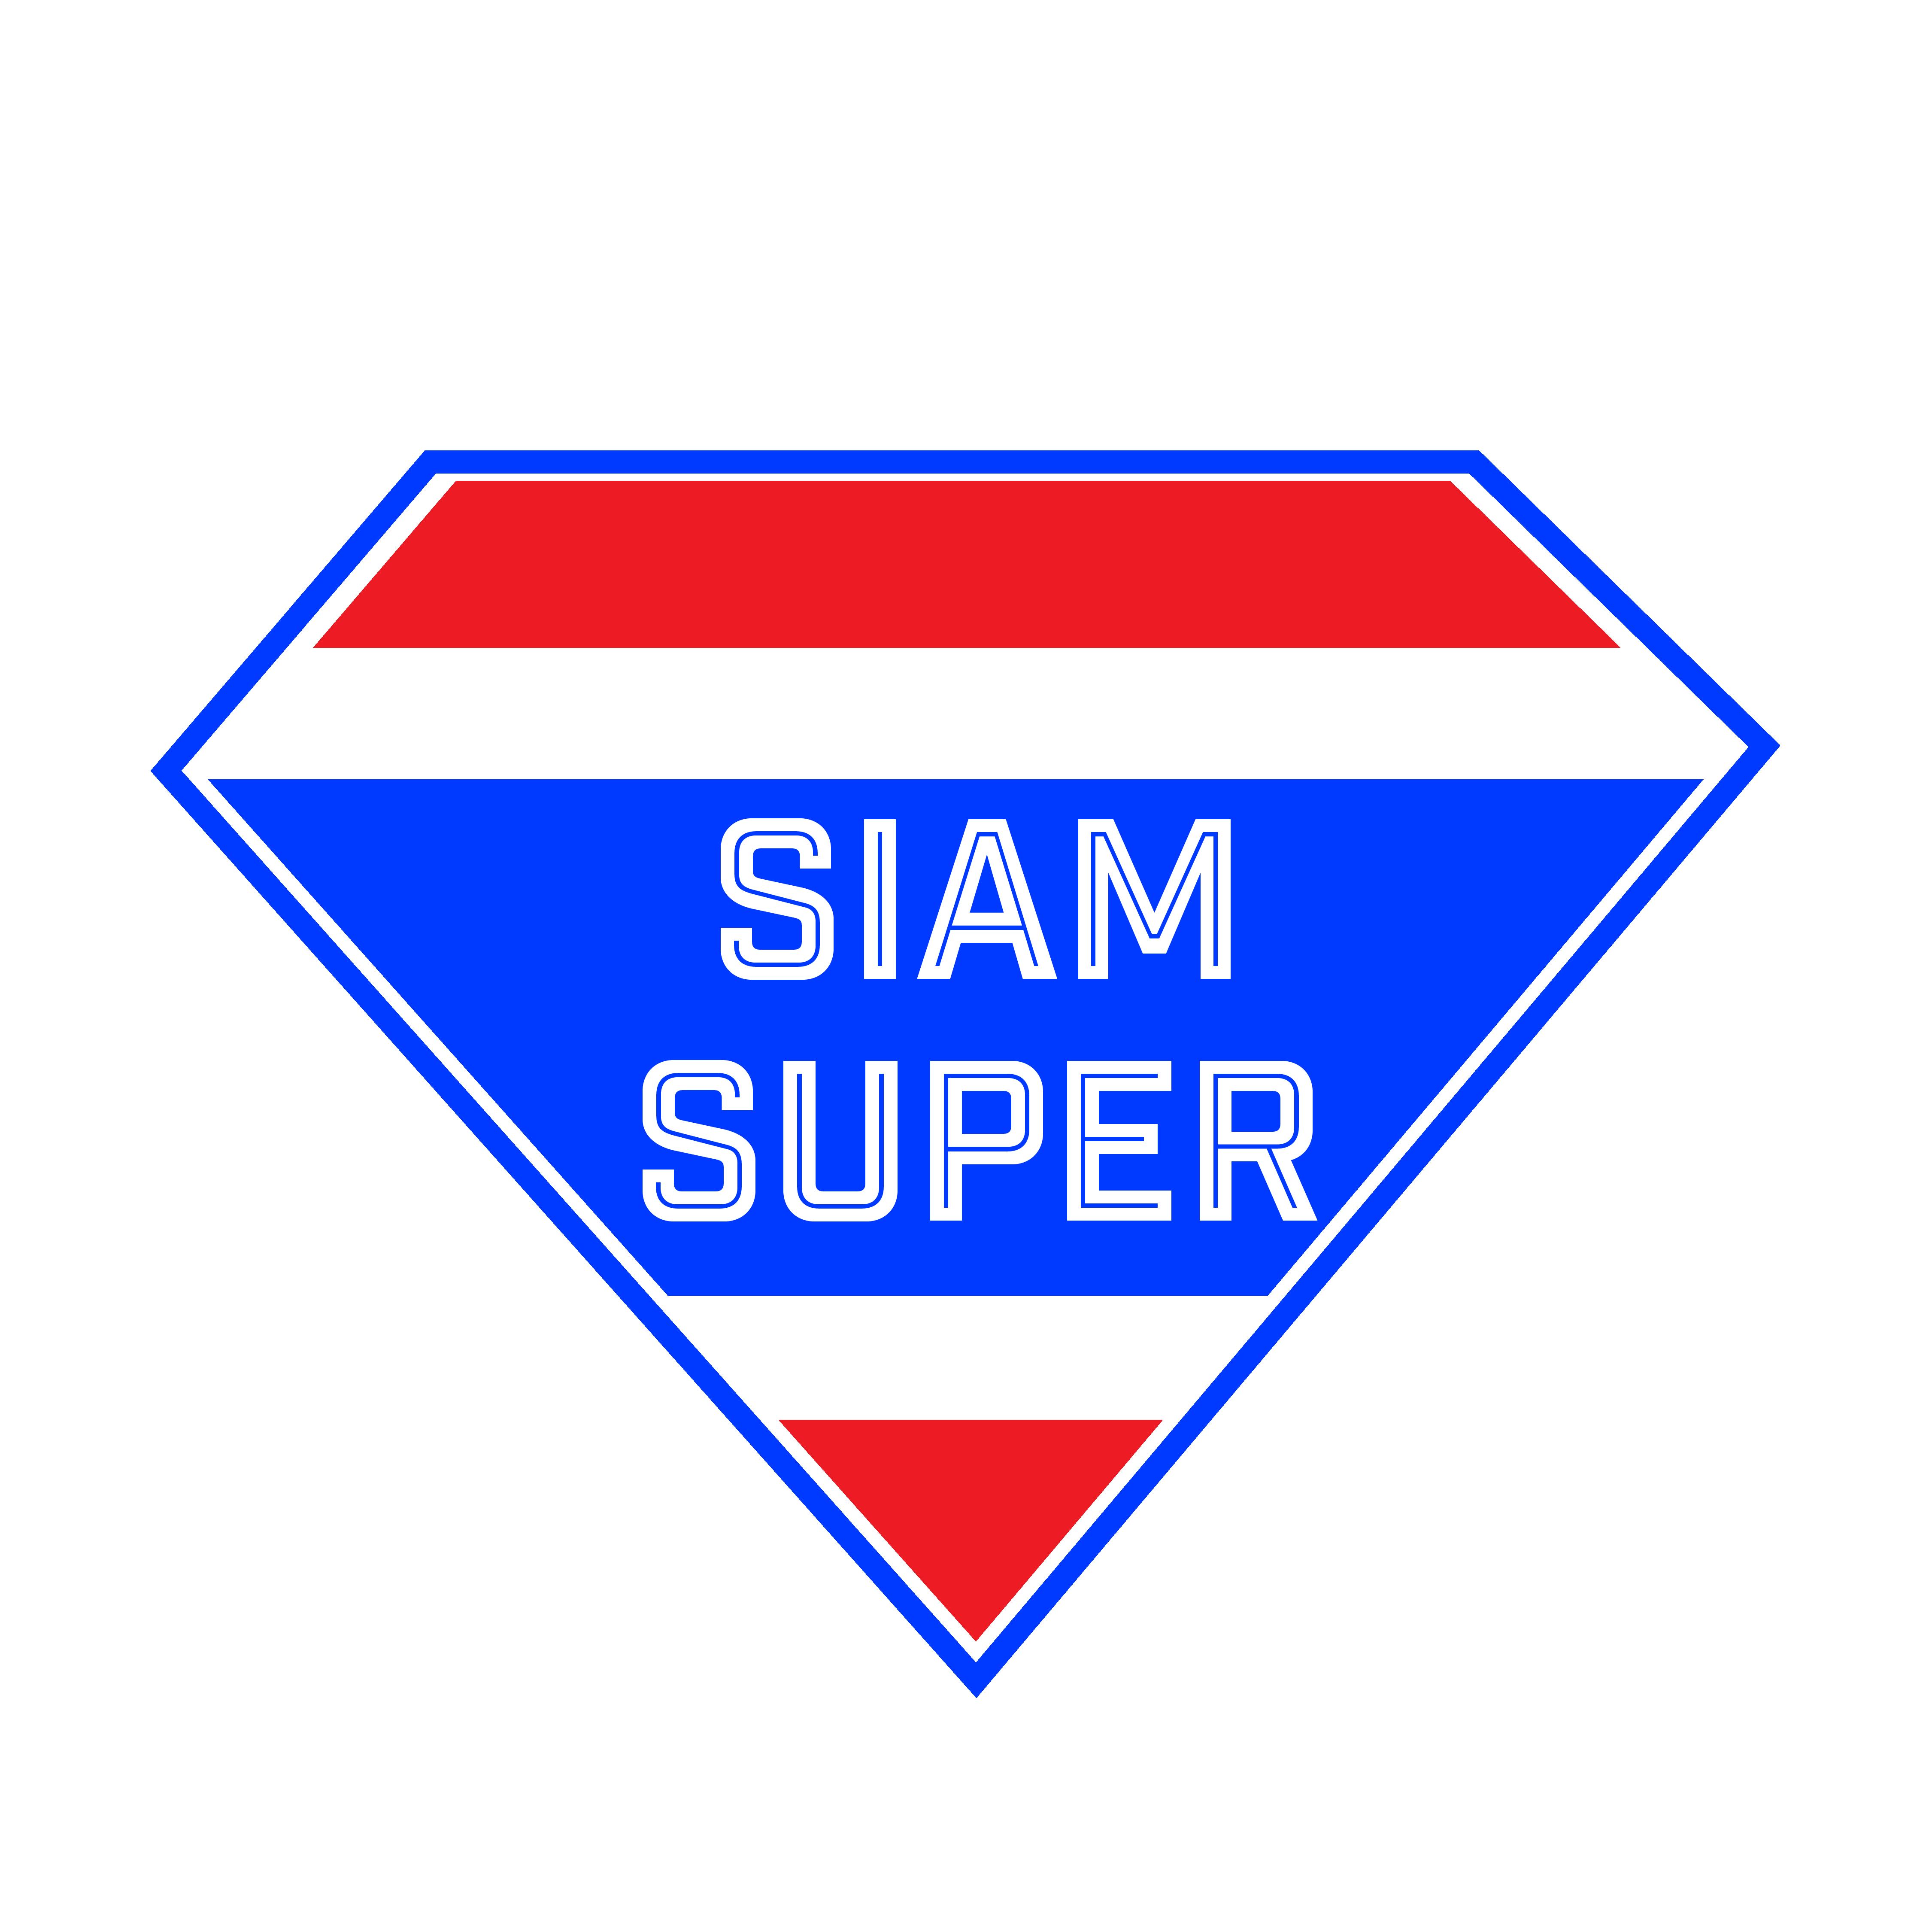 Siam Super